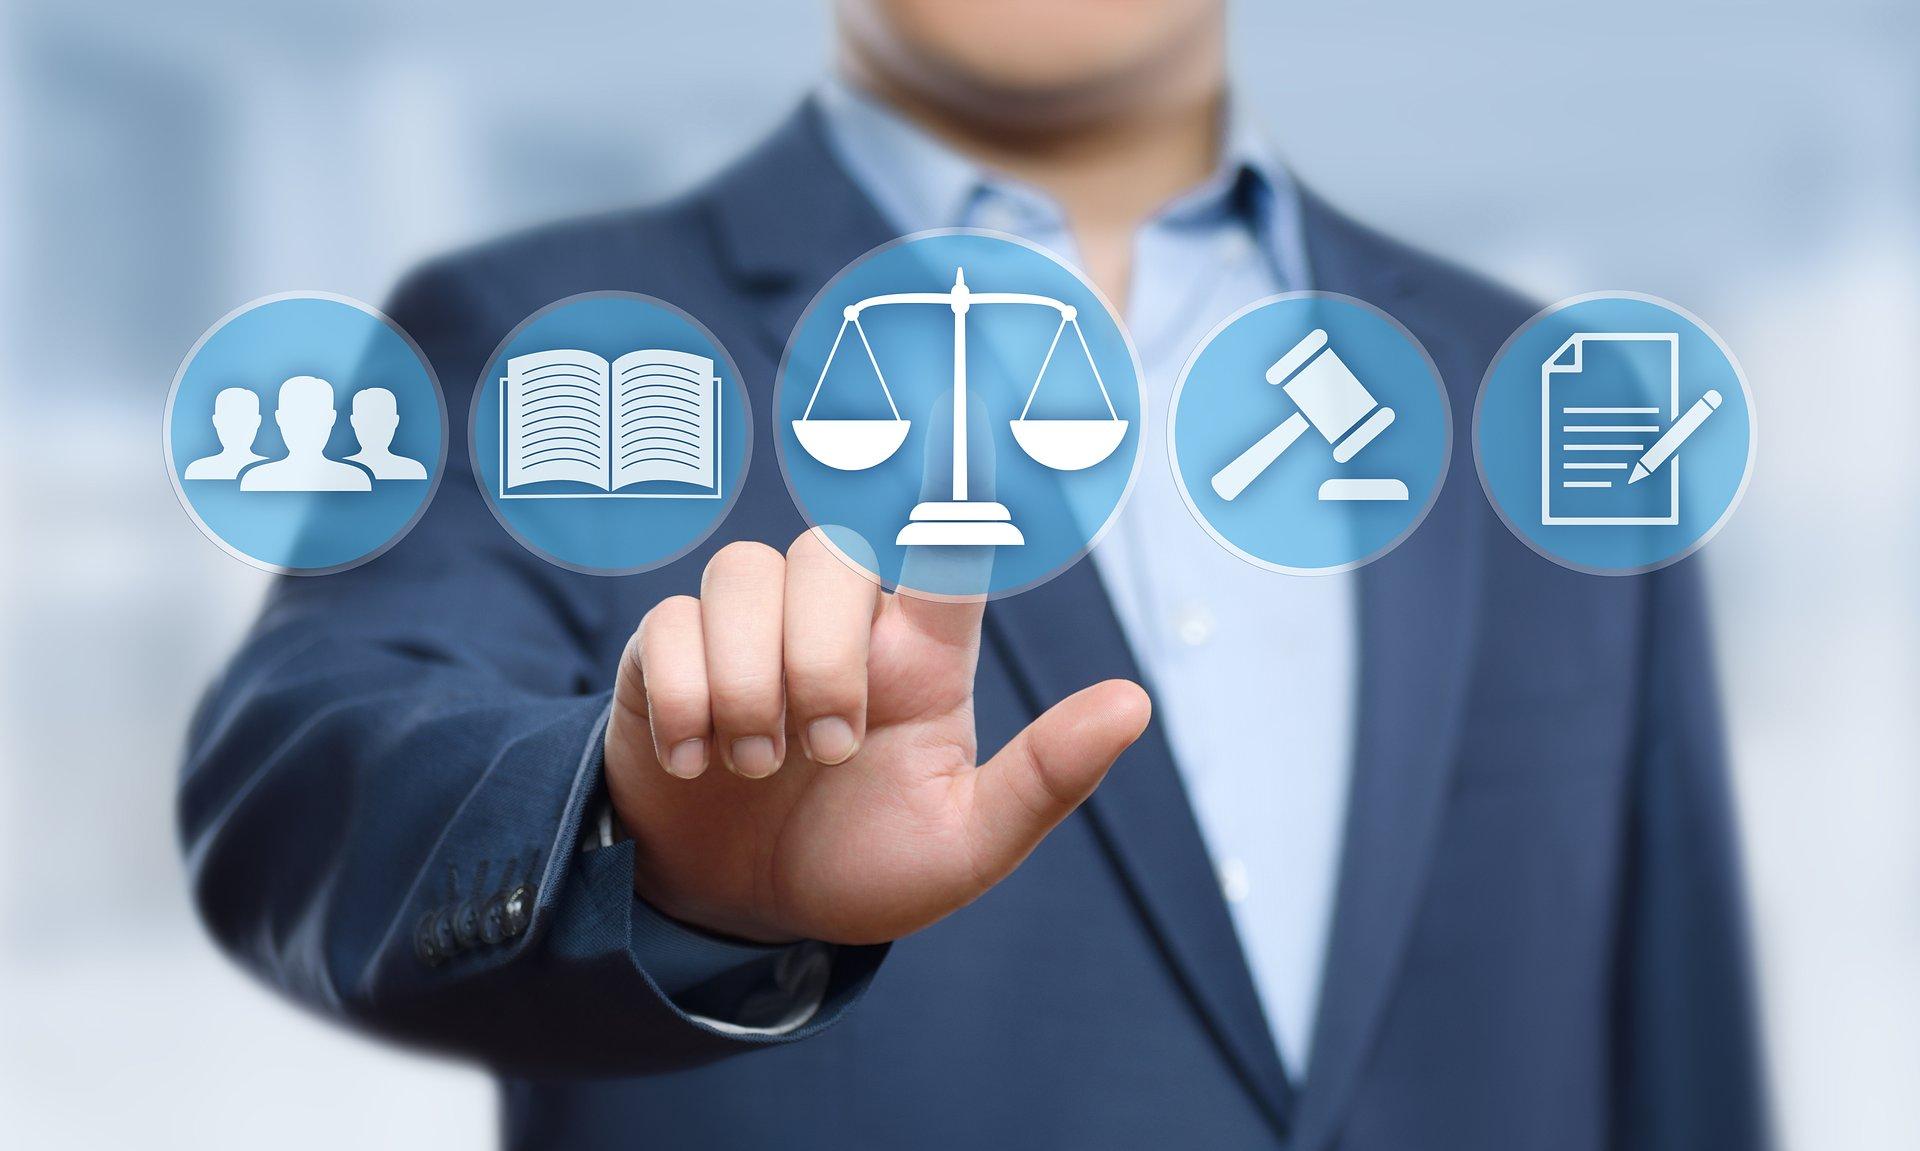 Ustawa o zawodzie farmaceuty - najważniejsze przepisy